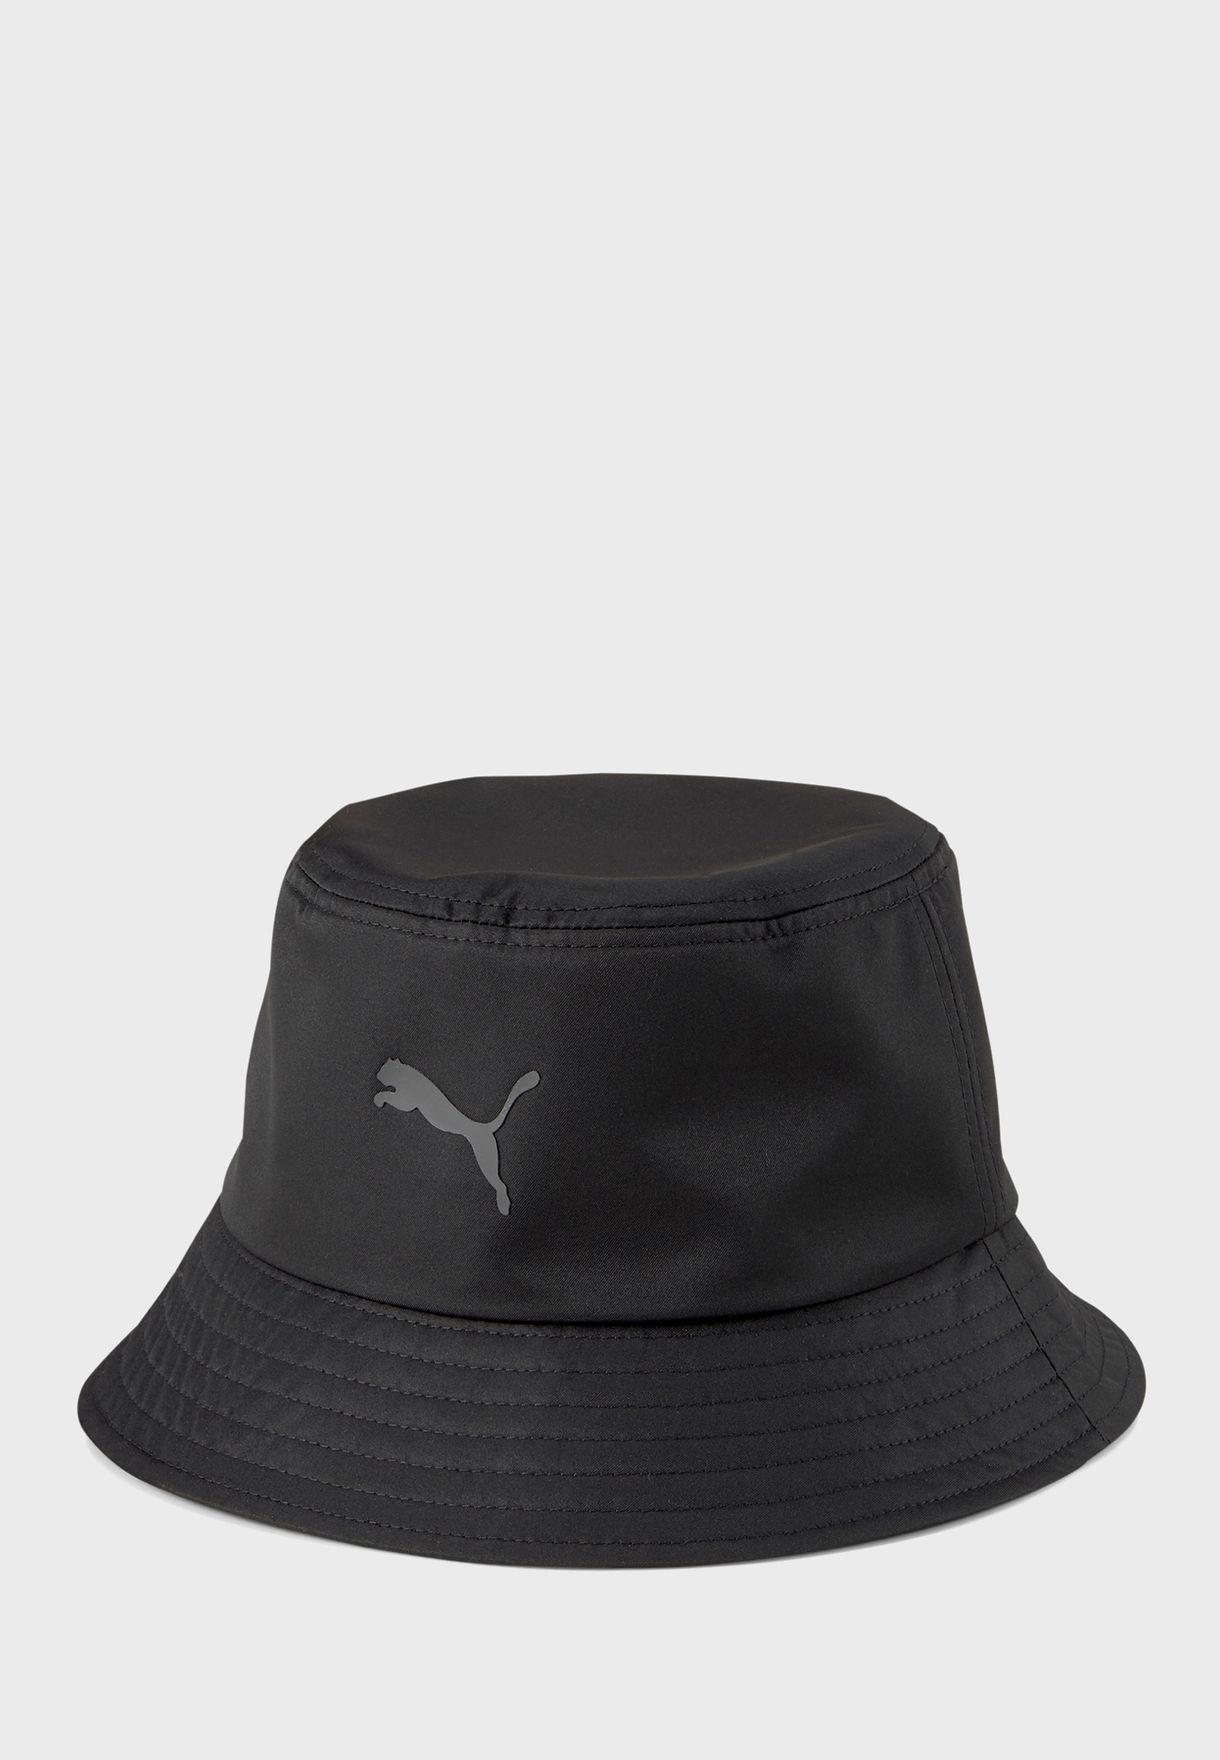 Buy Puma Black Core Bucket Hat For Women In Mena Worldwide 2310000